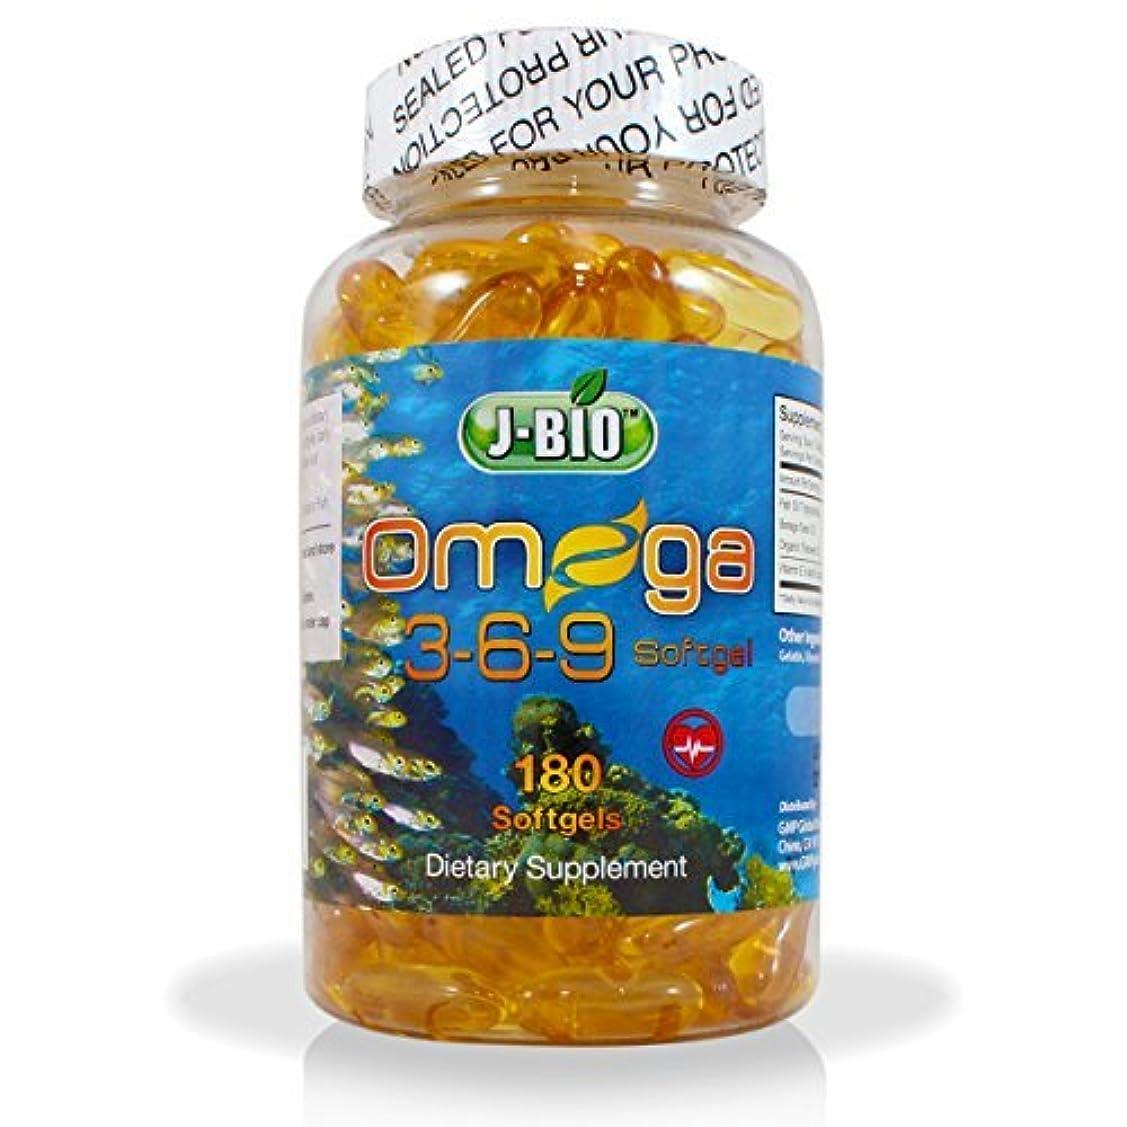 緩むテスピアン強調J-BIO Omega 3-6-9 Fish Oil Pills (180 Counts) - Triple Strength Fish Oil Supplement (800mg Fish oil Triglycerides...